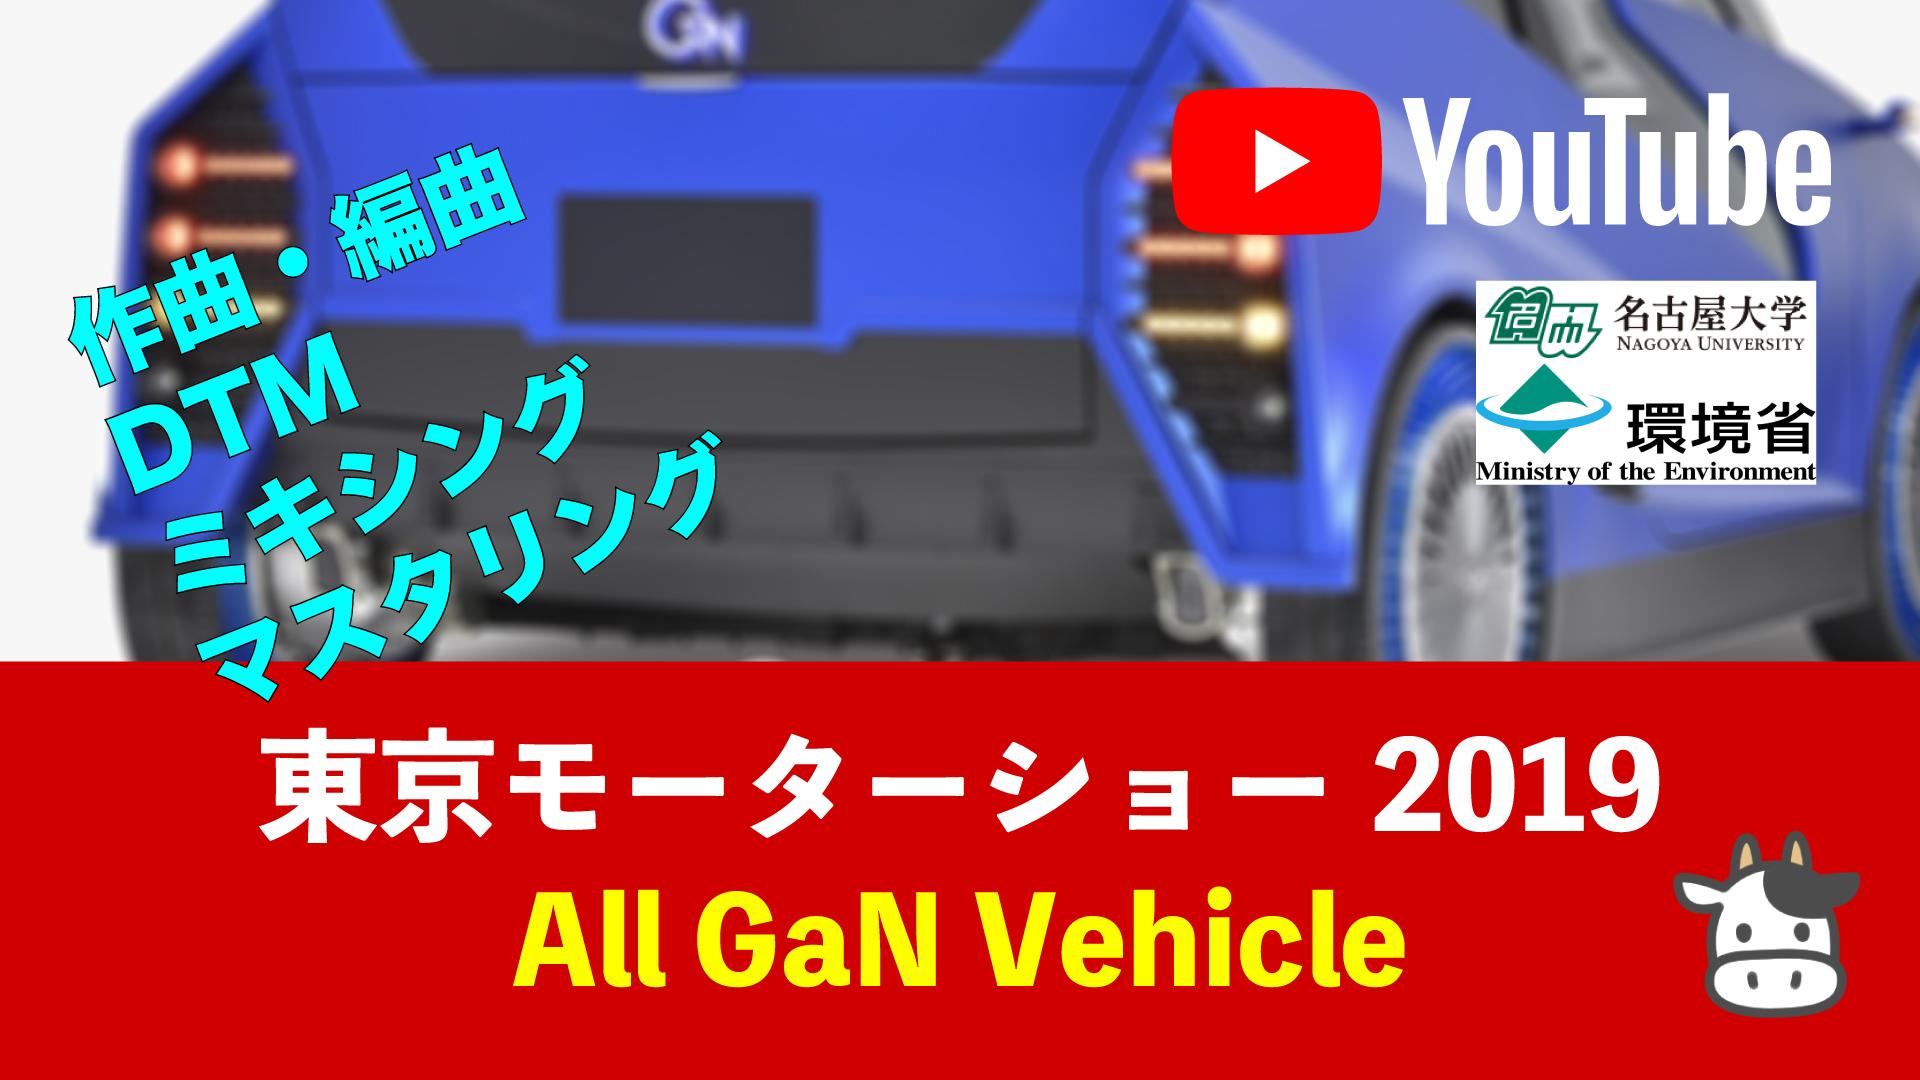 東京モーターショー 2019 名古屋大学 環境省